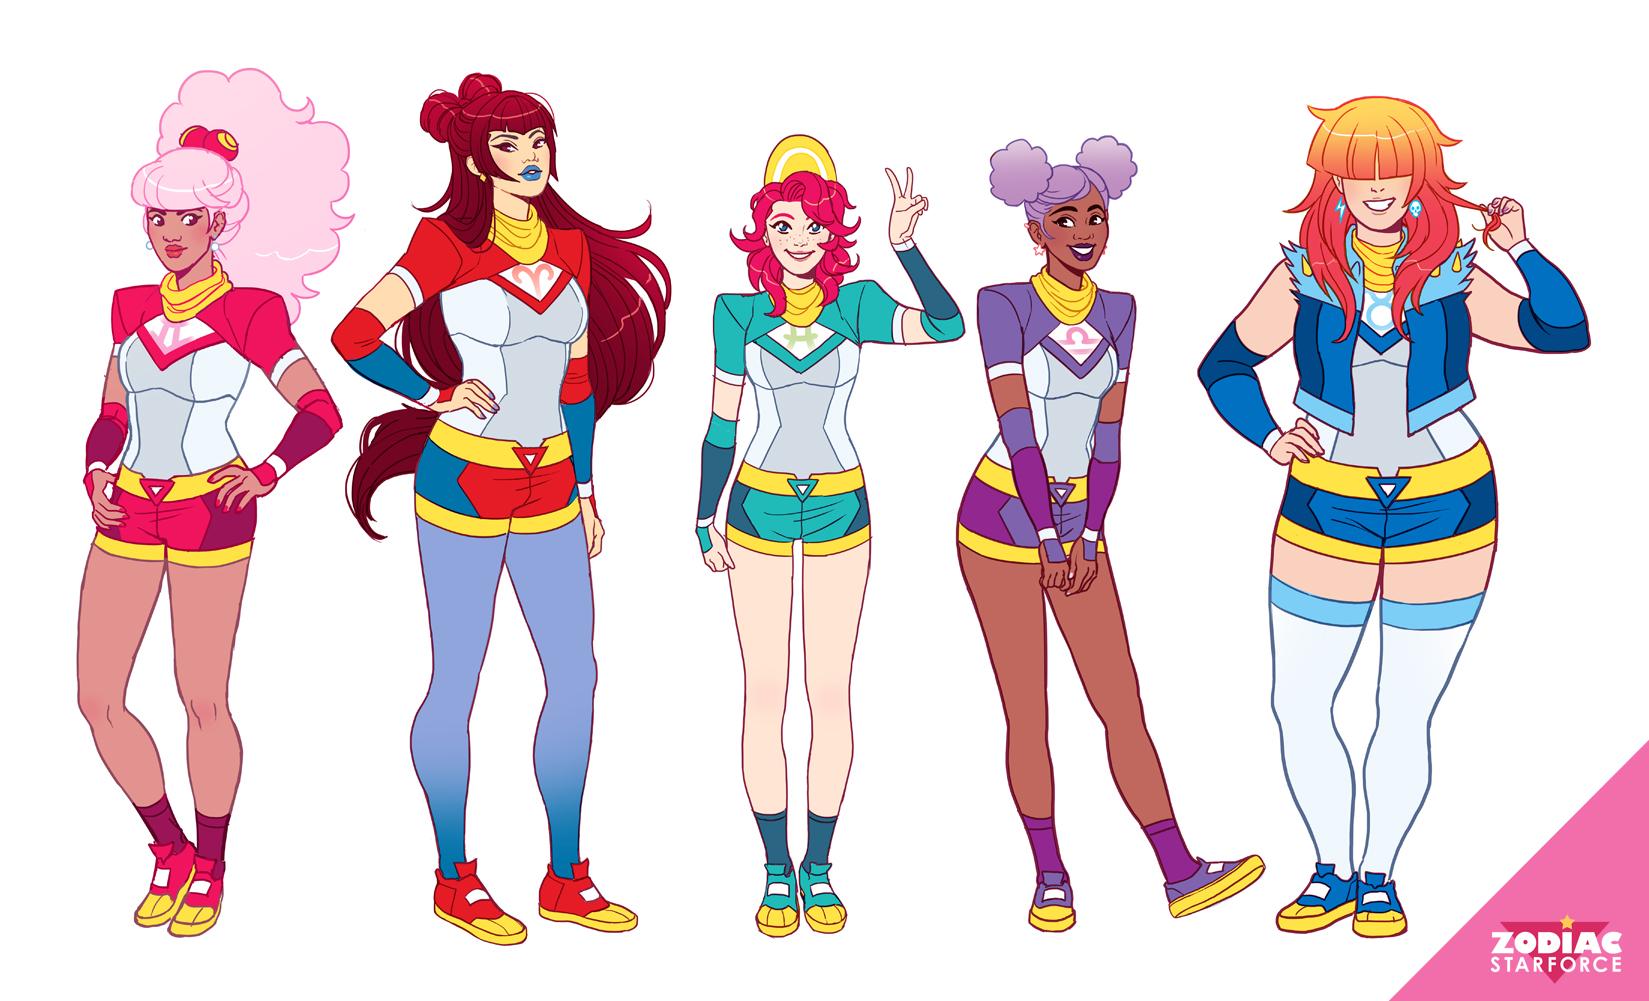 Magical uniform lineup.